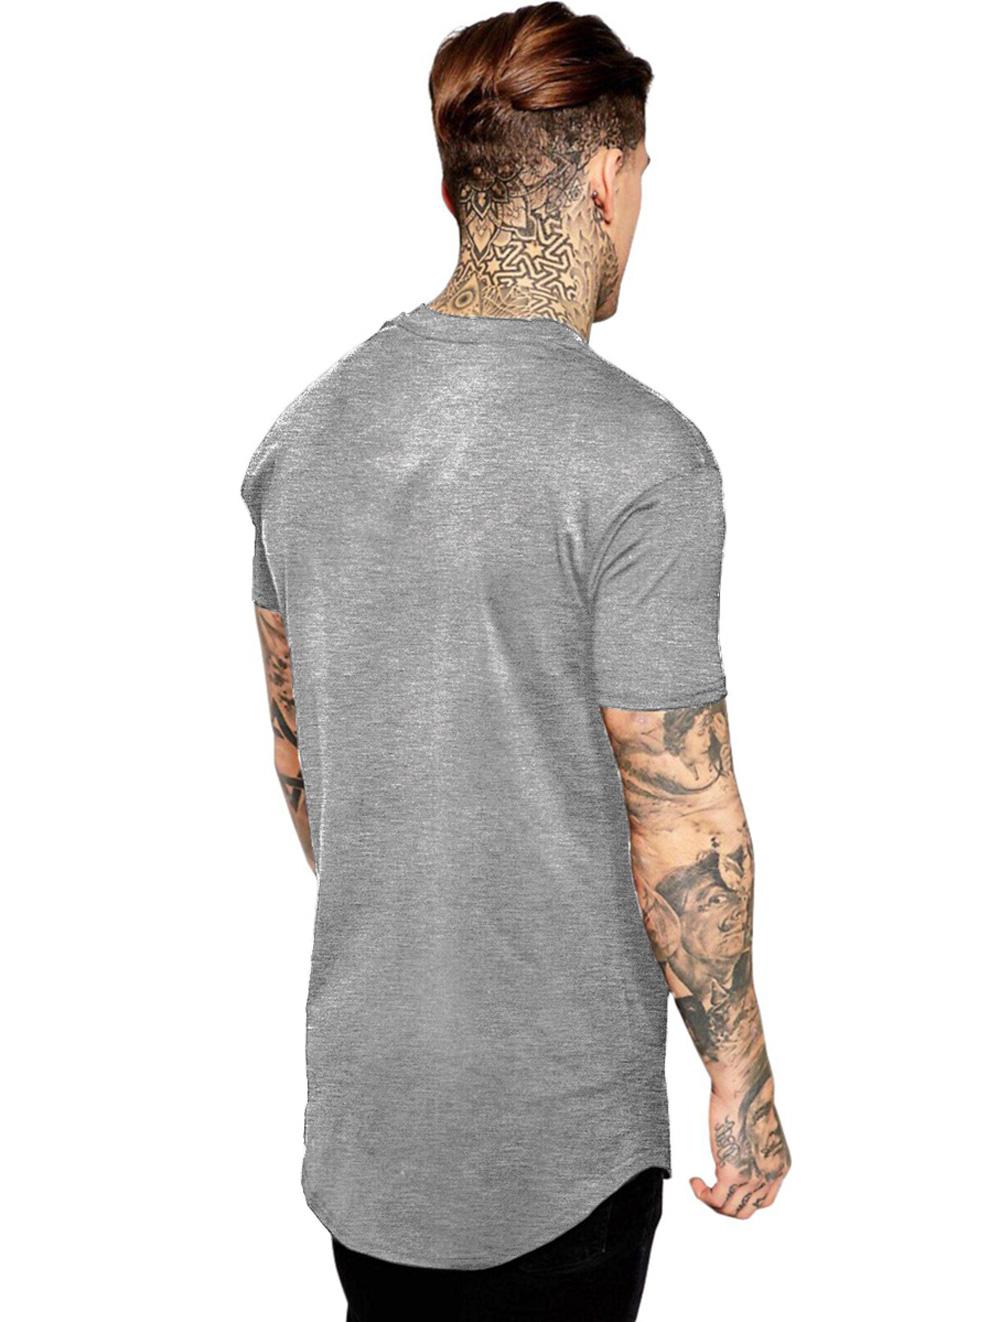 Camiseta Masculina Oversized Long Line Fita K7 ES_189